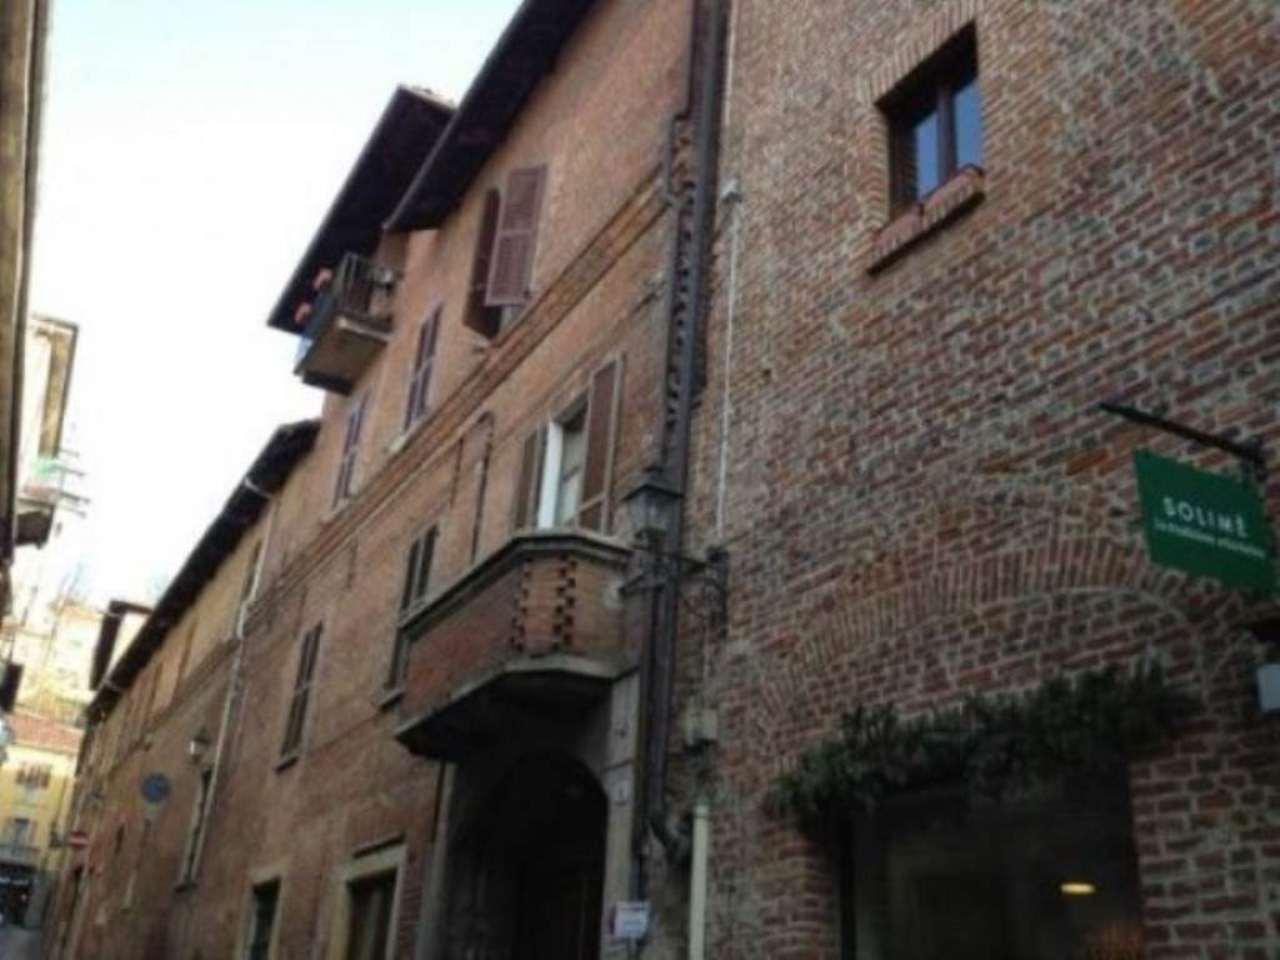 Attico / Mansarda in vendita a Chieri, 4 locali, prezzo € 205.000 | PortaleAgenzieImmobiliari.it